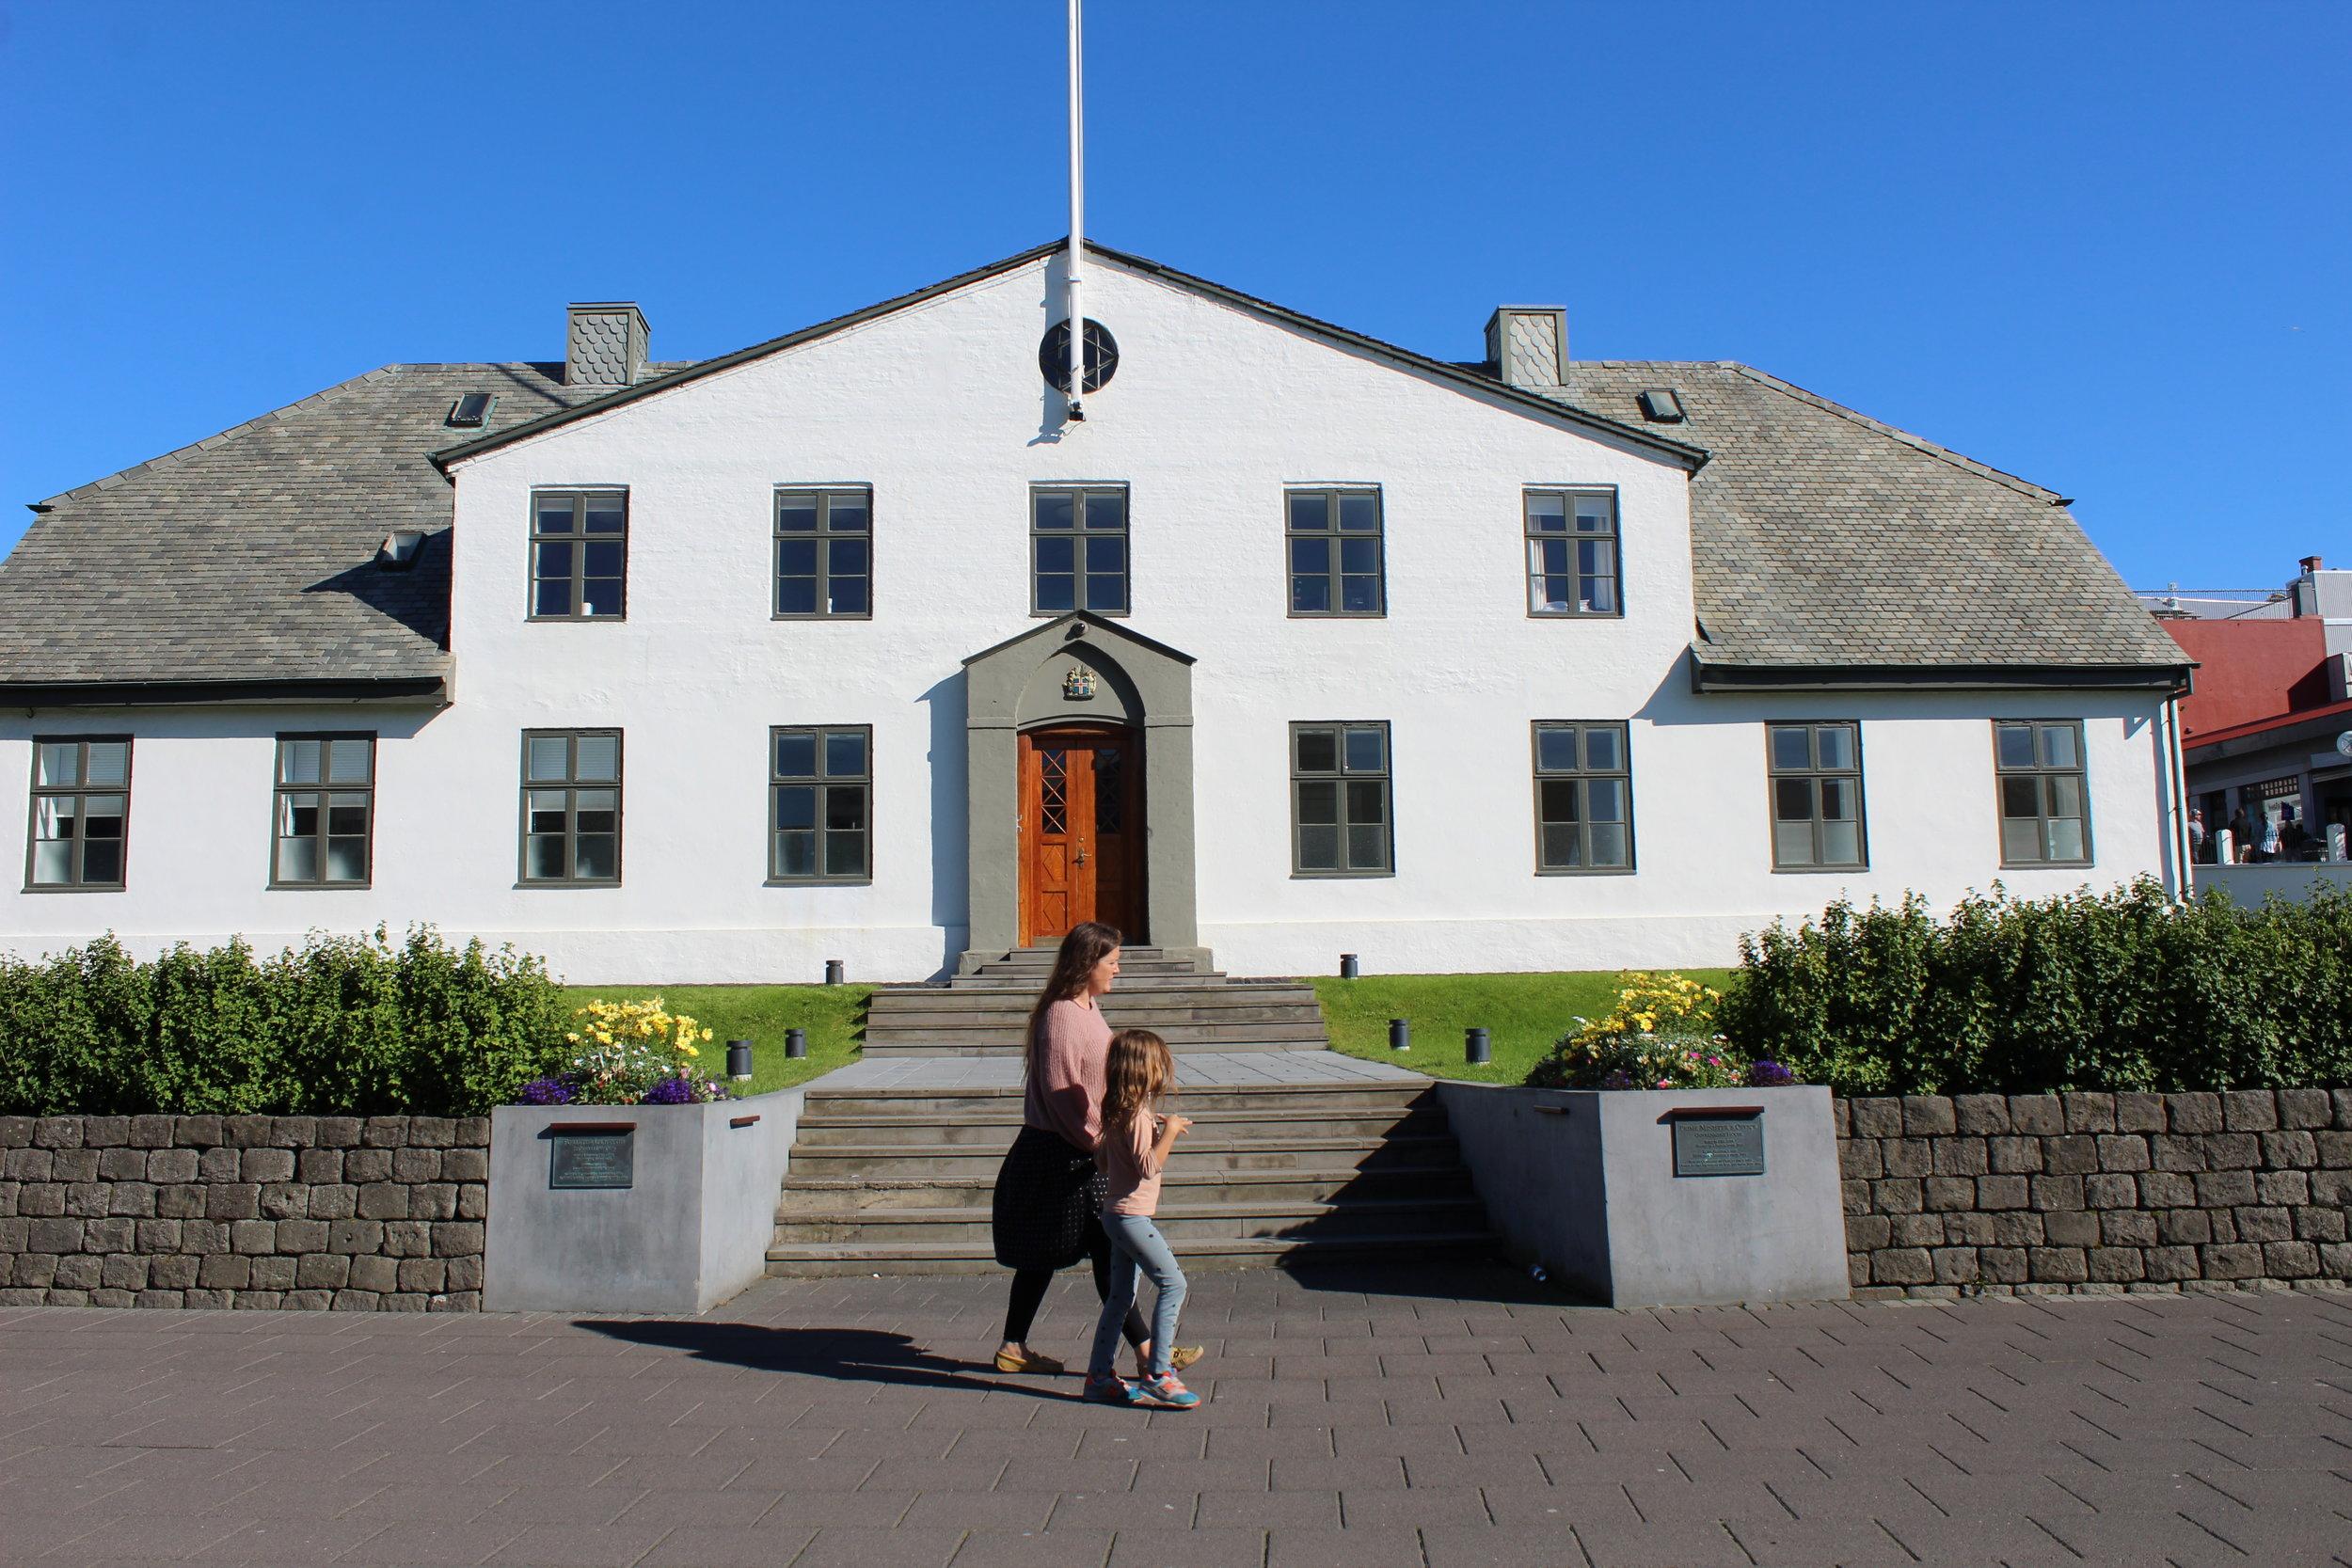 Prime Minister's House